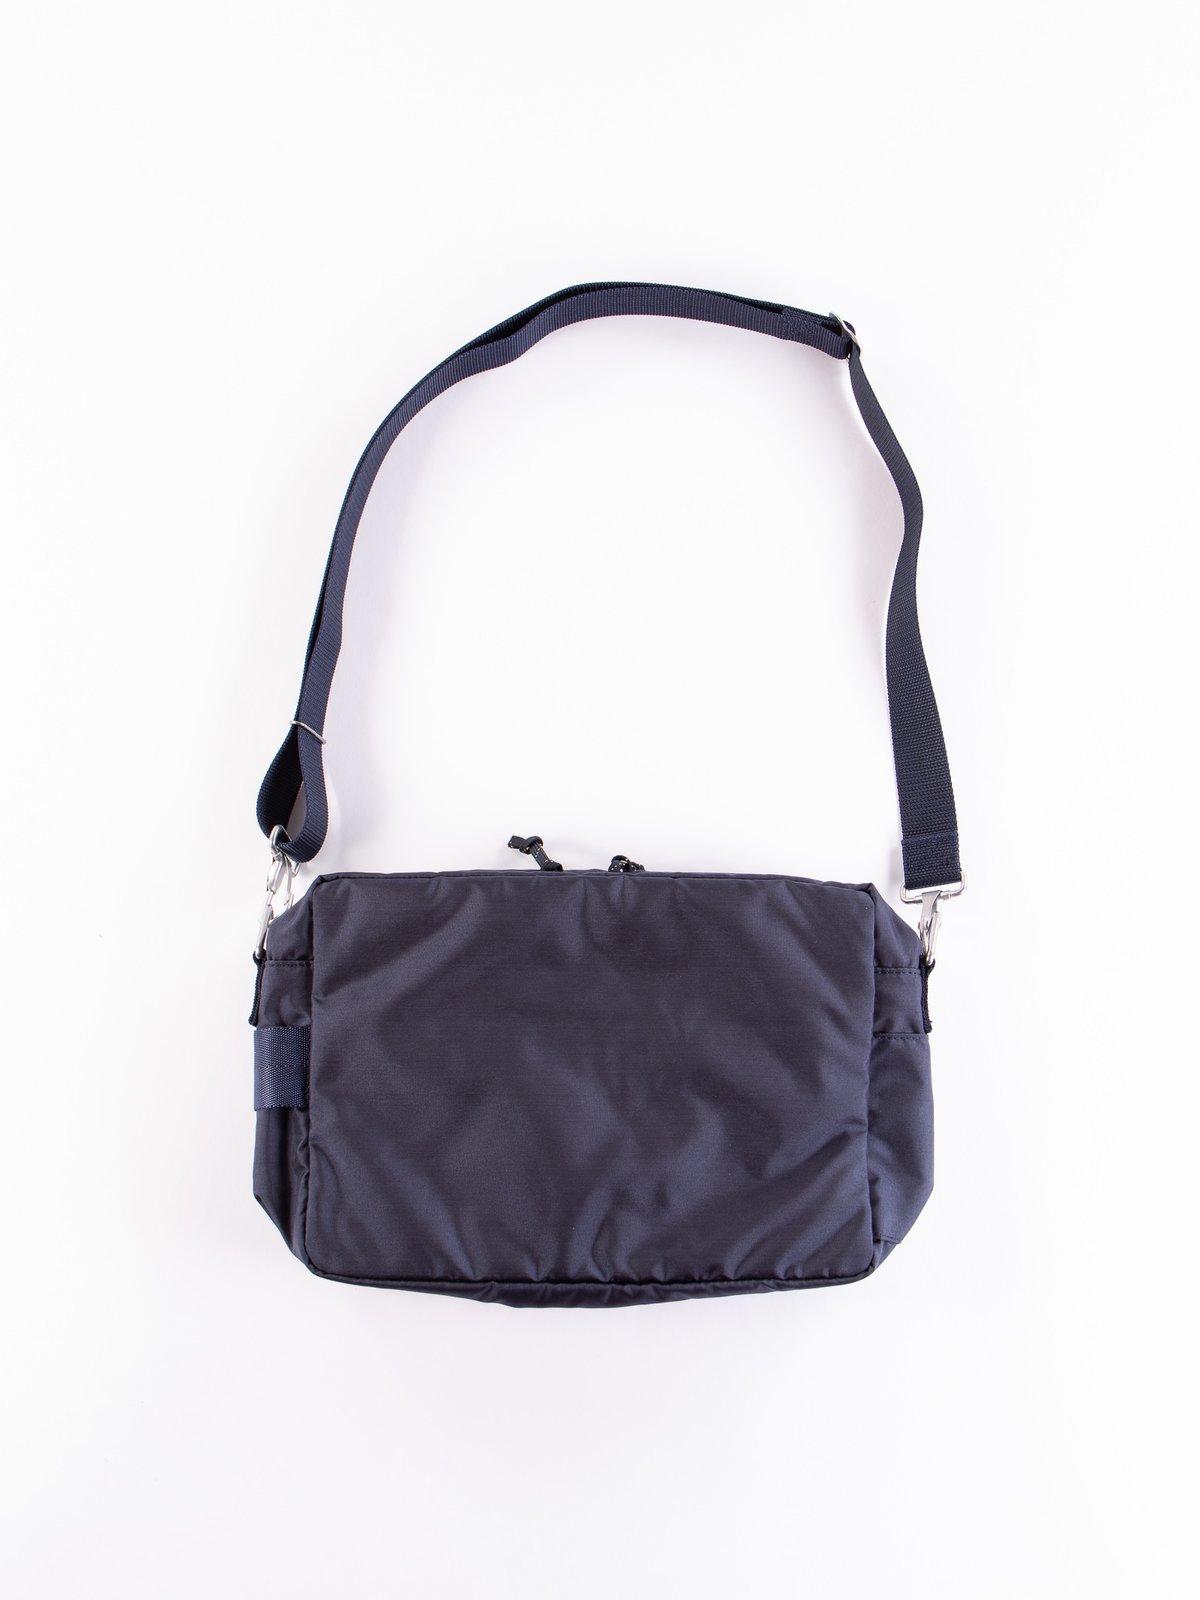 Navy Force Small Shoulder Bag - Image 3